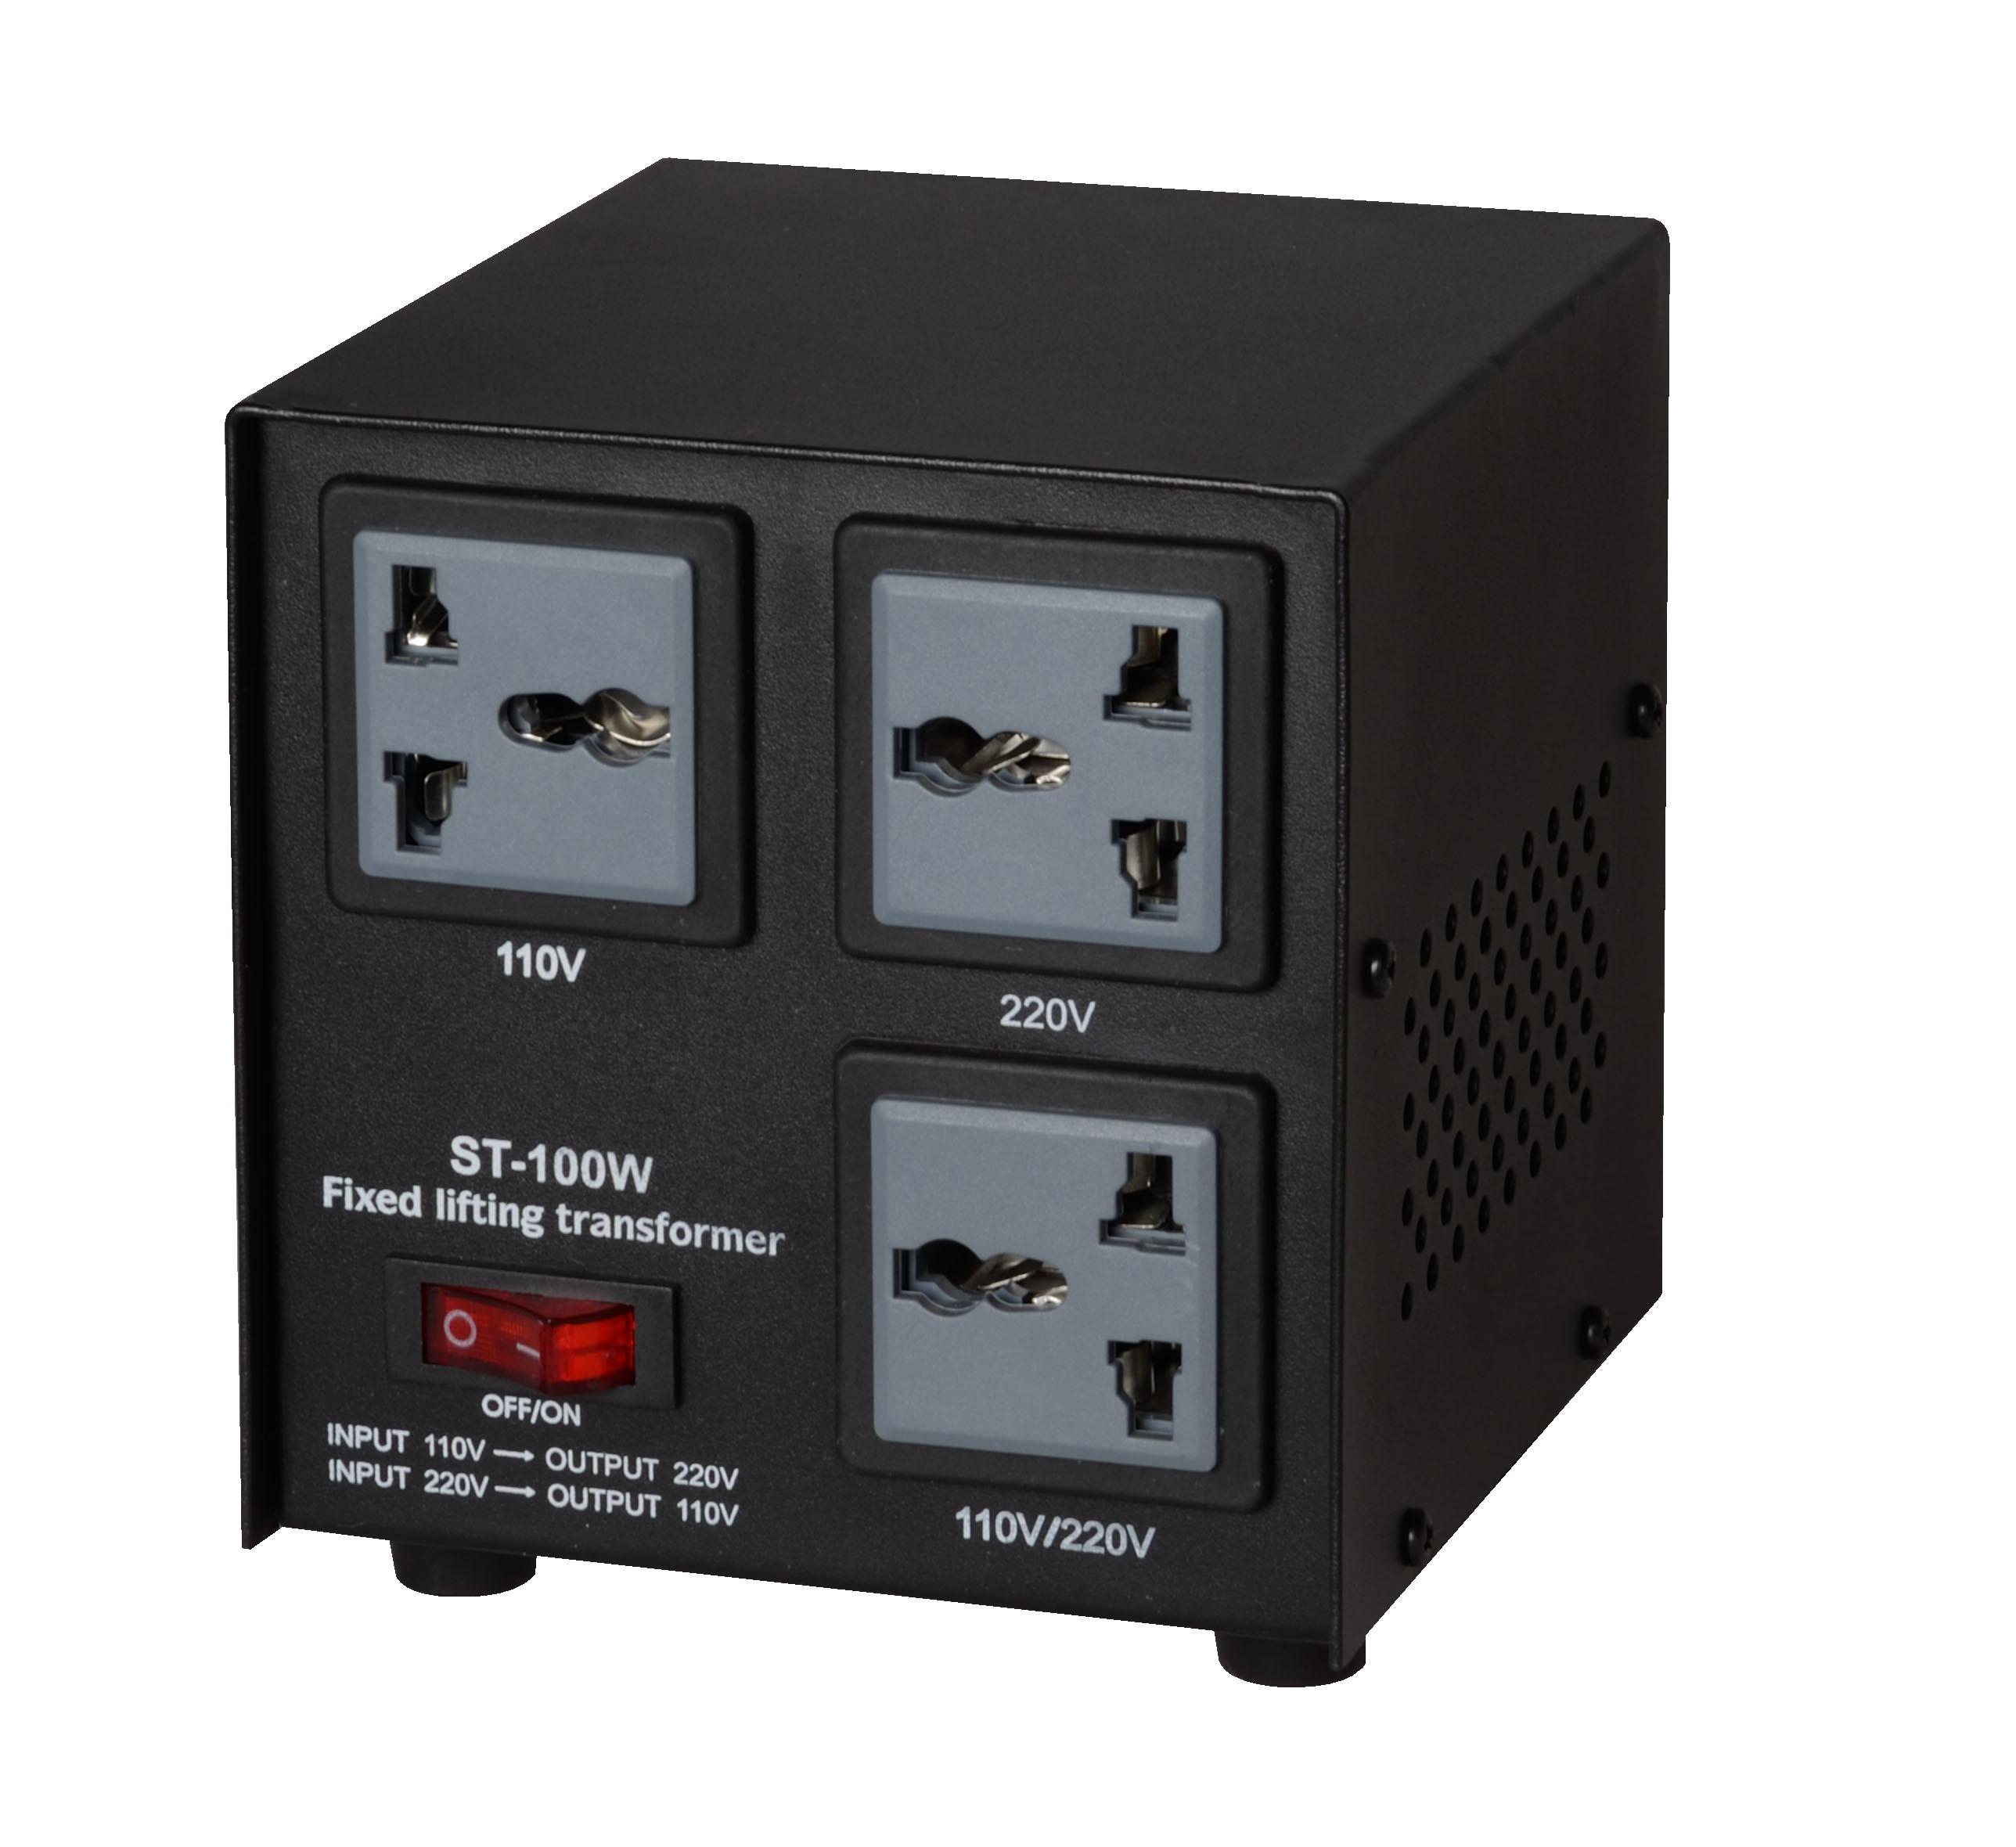 St Step up and Down Transformer 110V to 220 V 220V to 110V